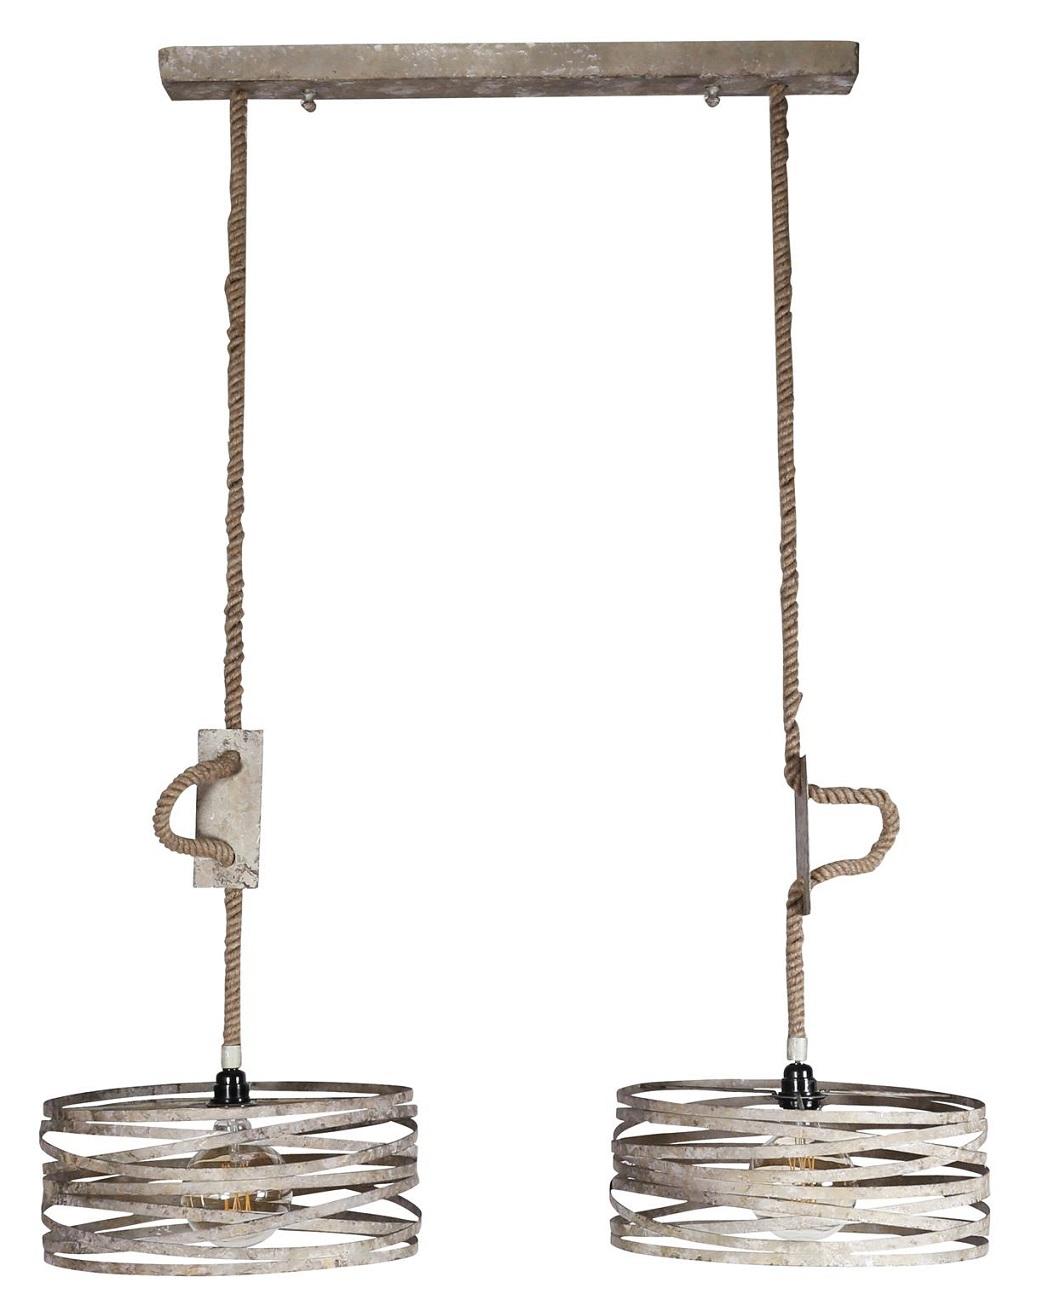 Hanglamp Martin 2xØ40 van 150 cm hoog in verweerd zink | Zaloni